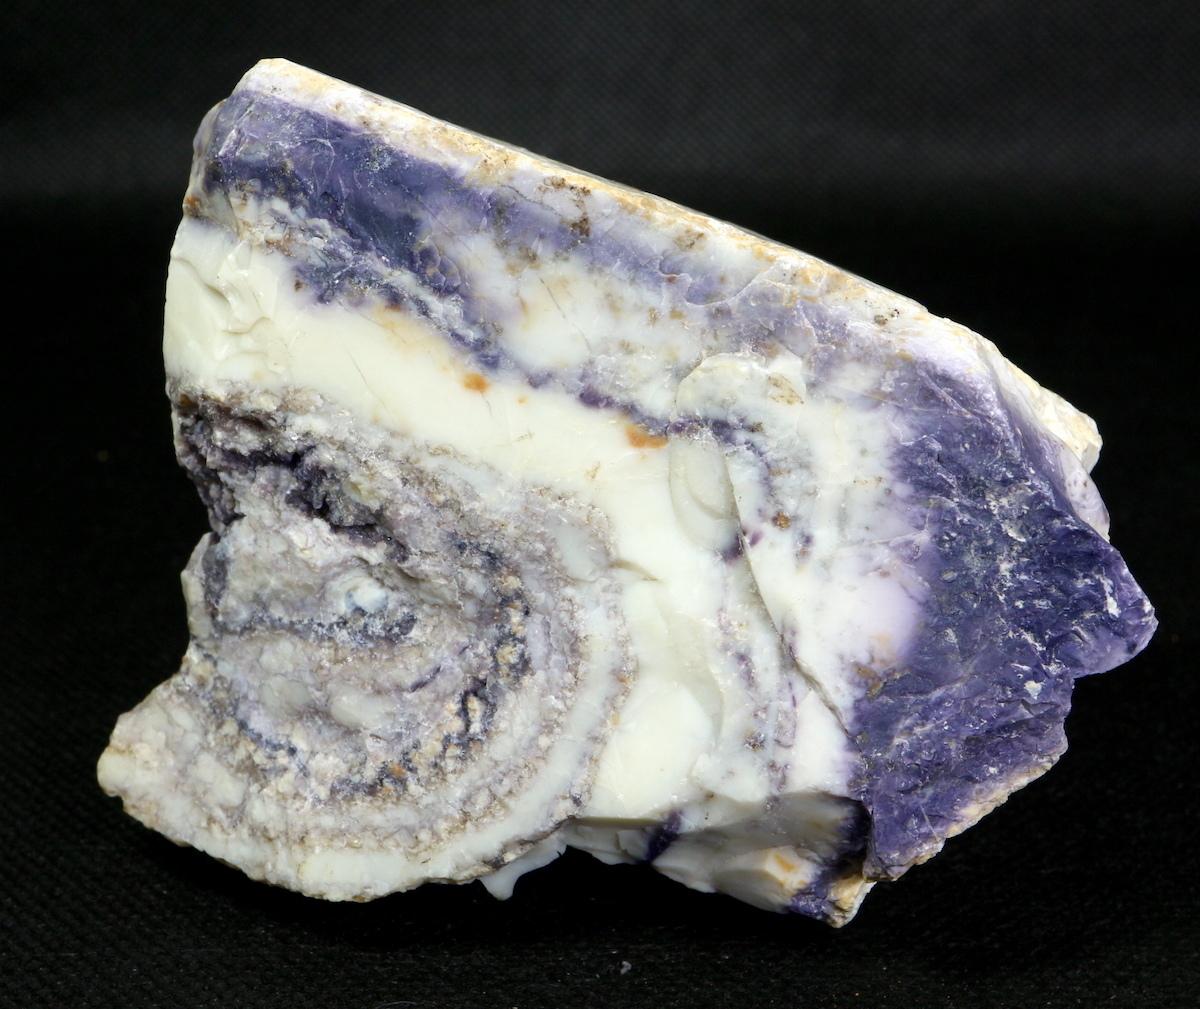 超希少!ティファニーストーン 原石 ユタ州産 259,7g 鉱物 TF058 原石 天然石 鉱物 パワーストーン